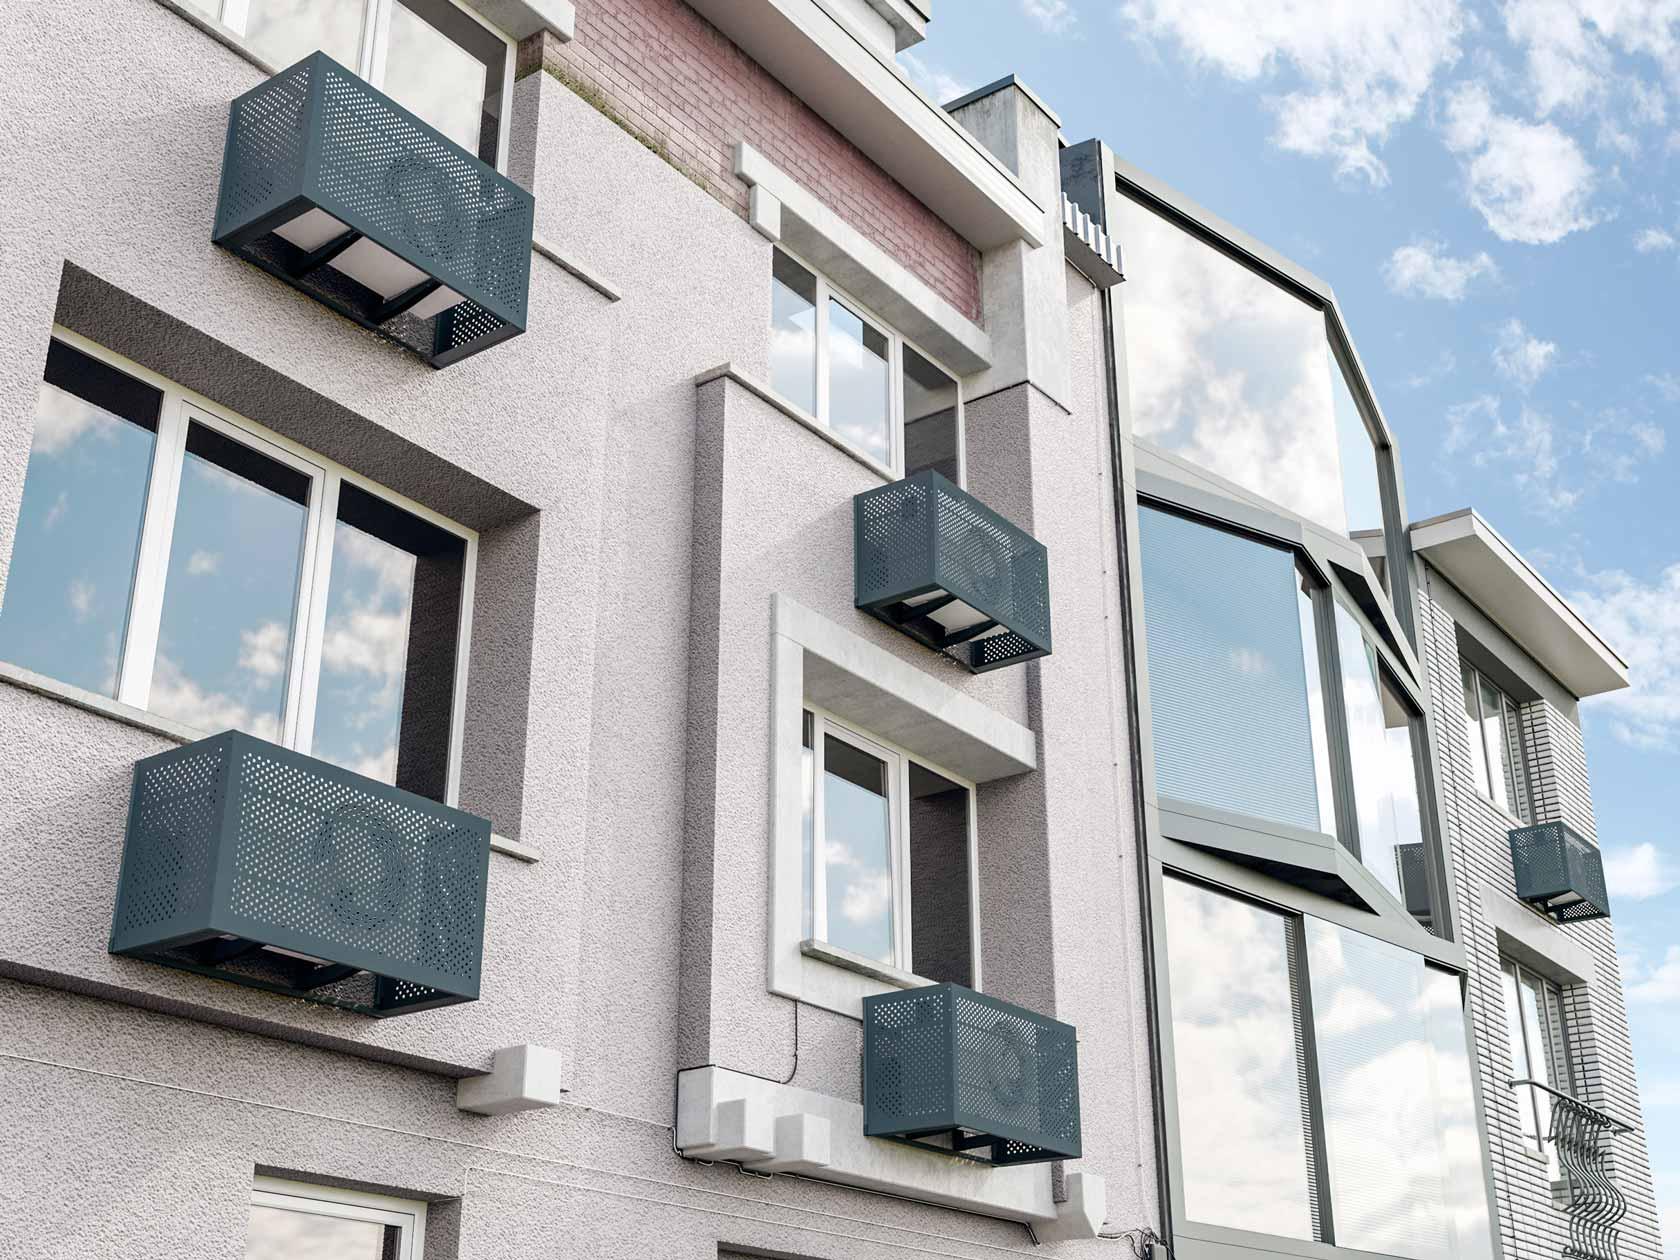 4 важных правила установки кондиционеров на фасадах зданий